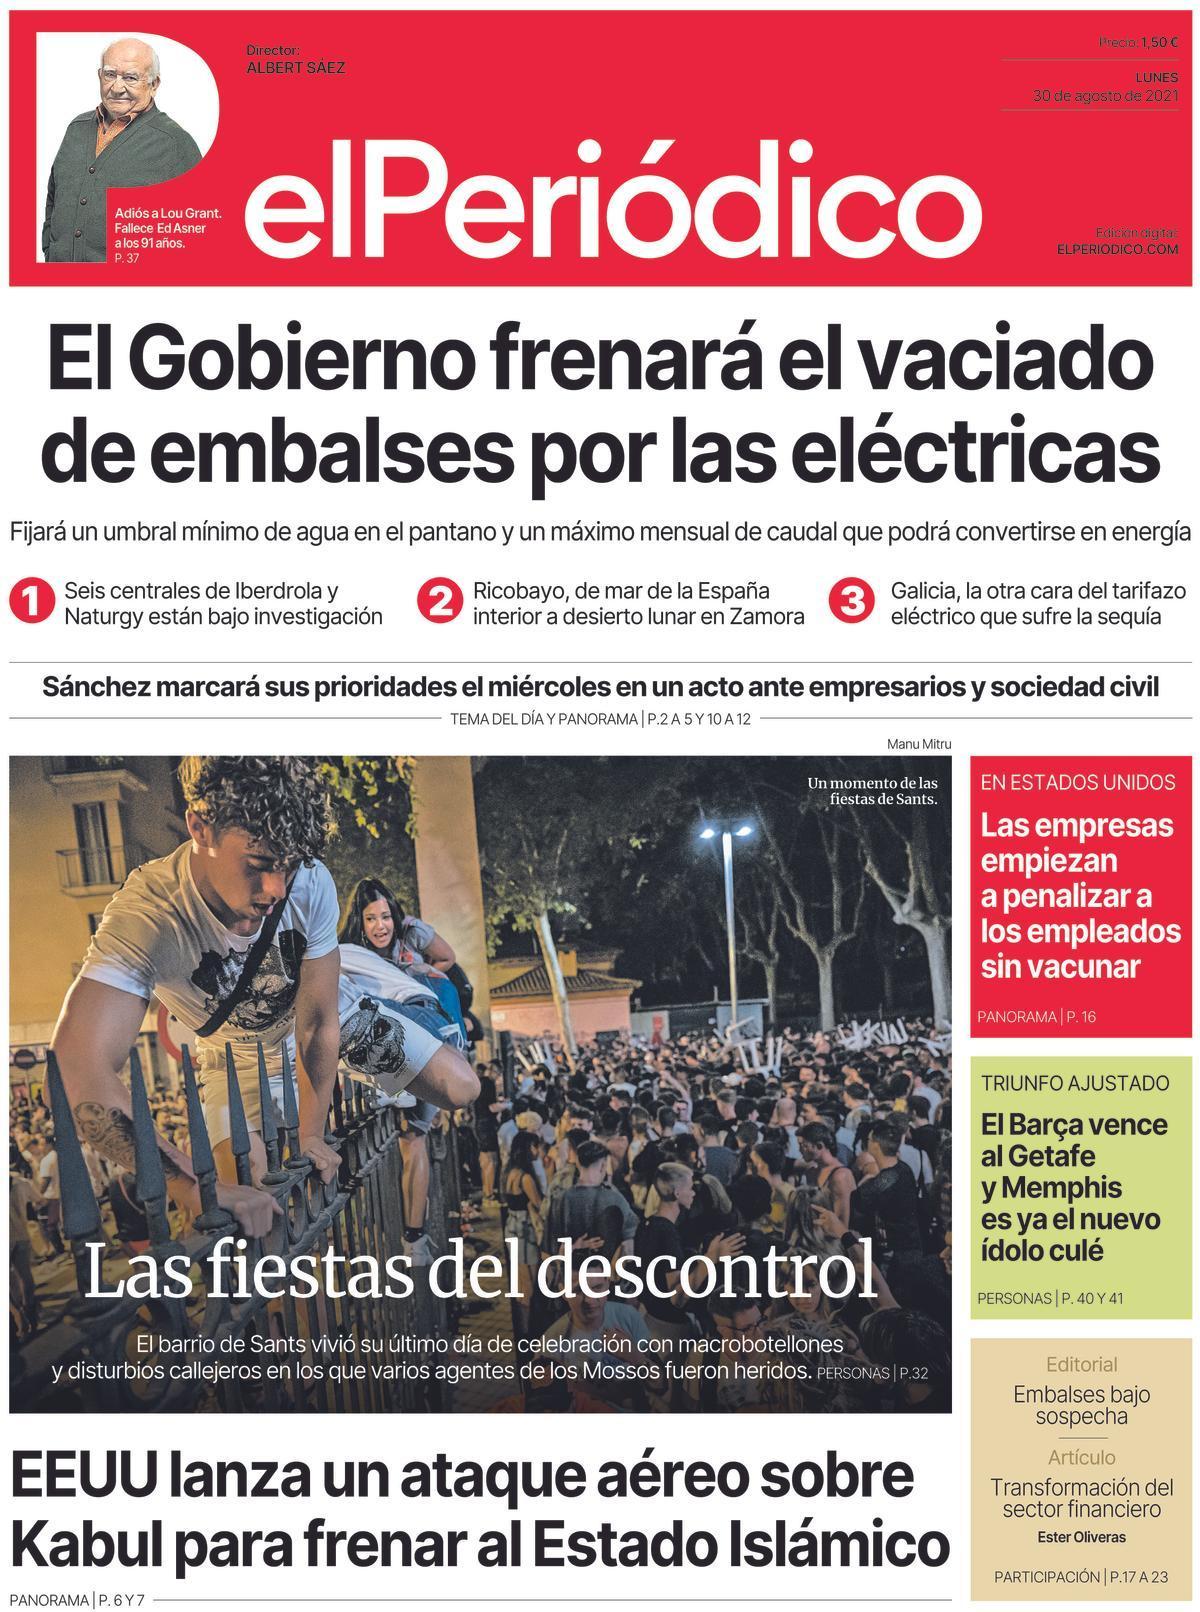 La portada de El PERIÓDICO del 30 de agosto de 2021